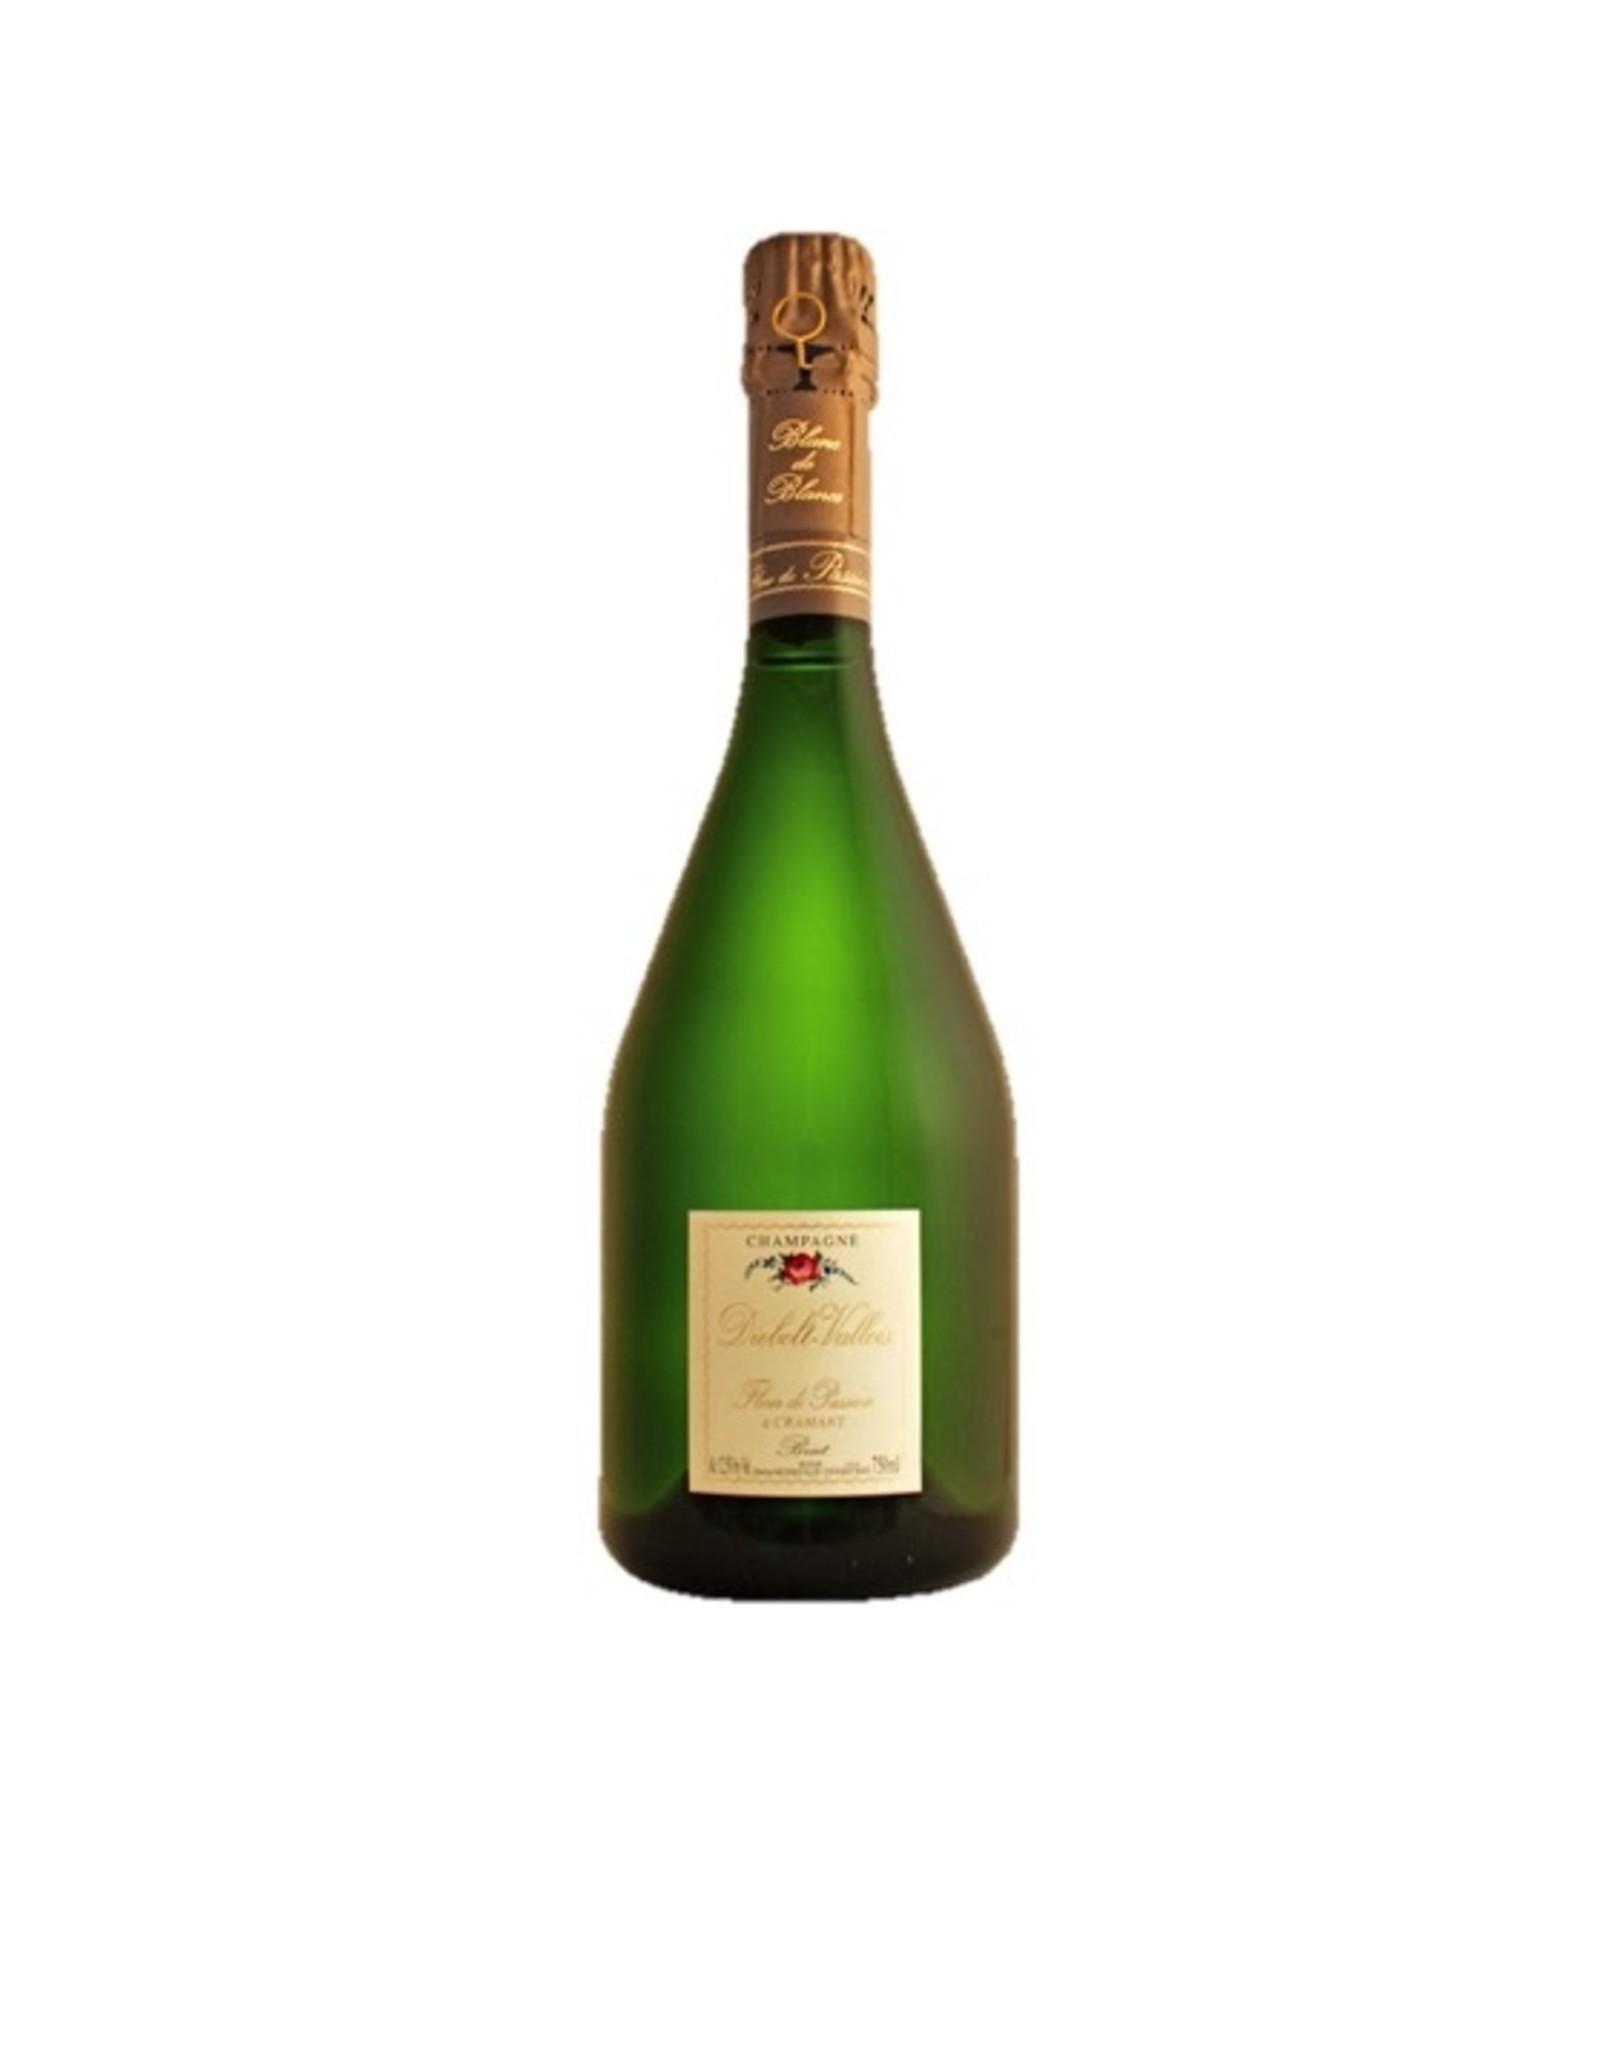 Diebolt-Vallois Champagne Diebolt-Vallois Fleur de Passion 2008